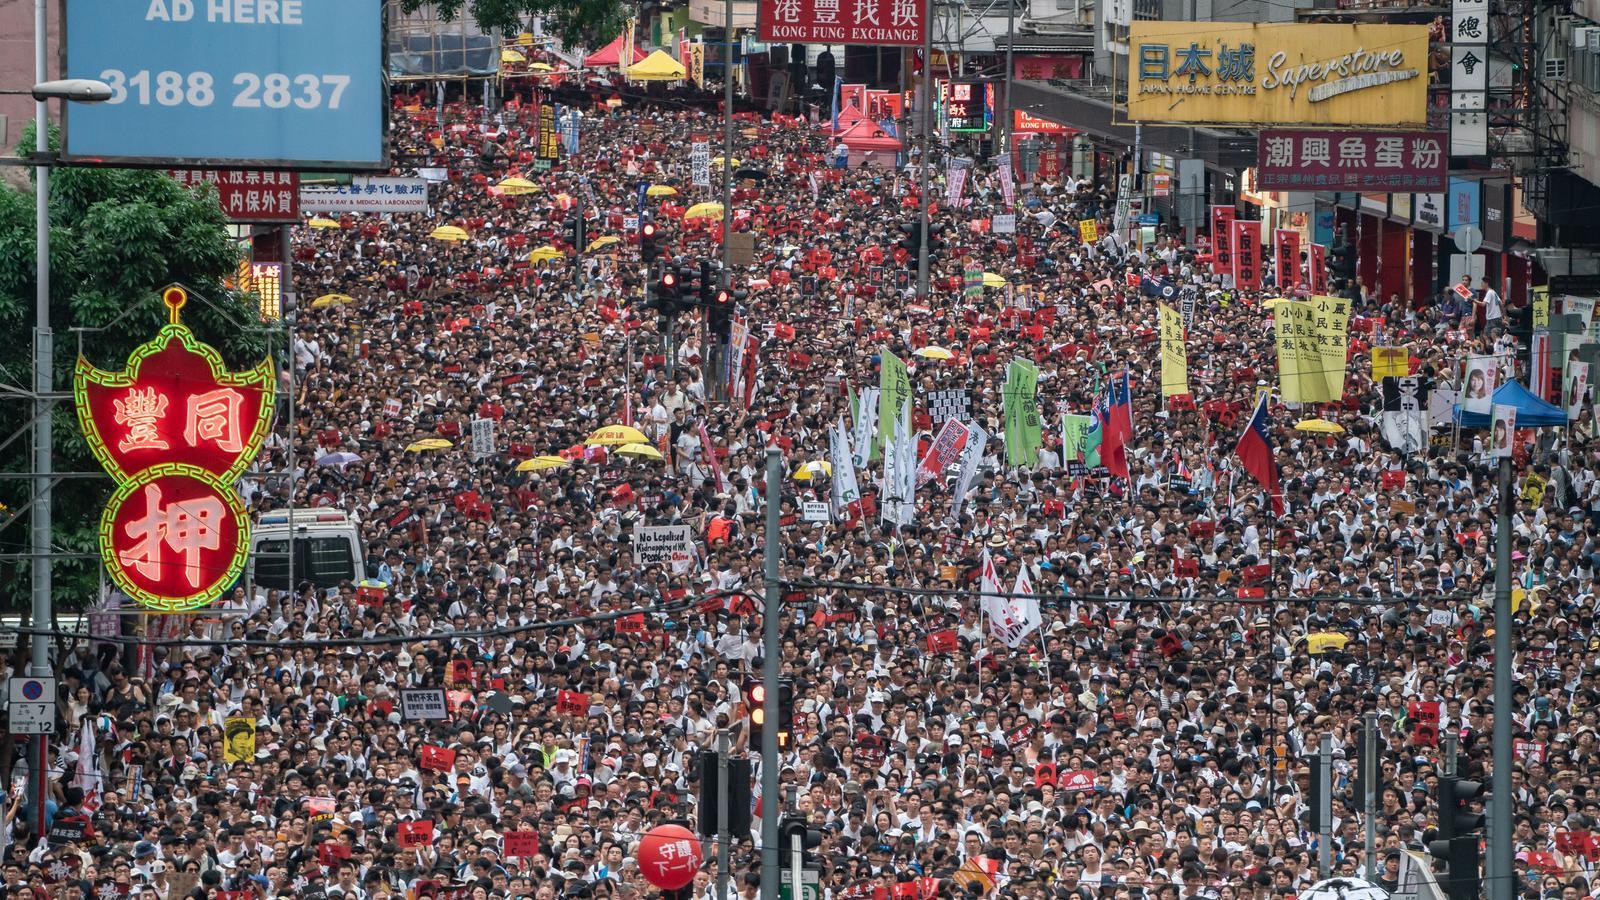 La llei d'extradició a la Xina inflama Hong Kong